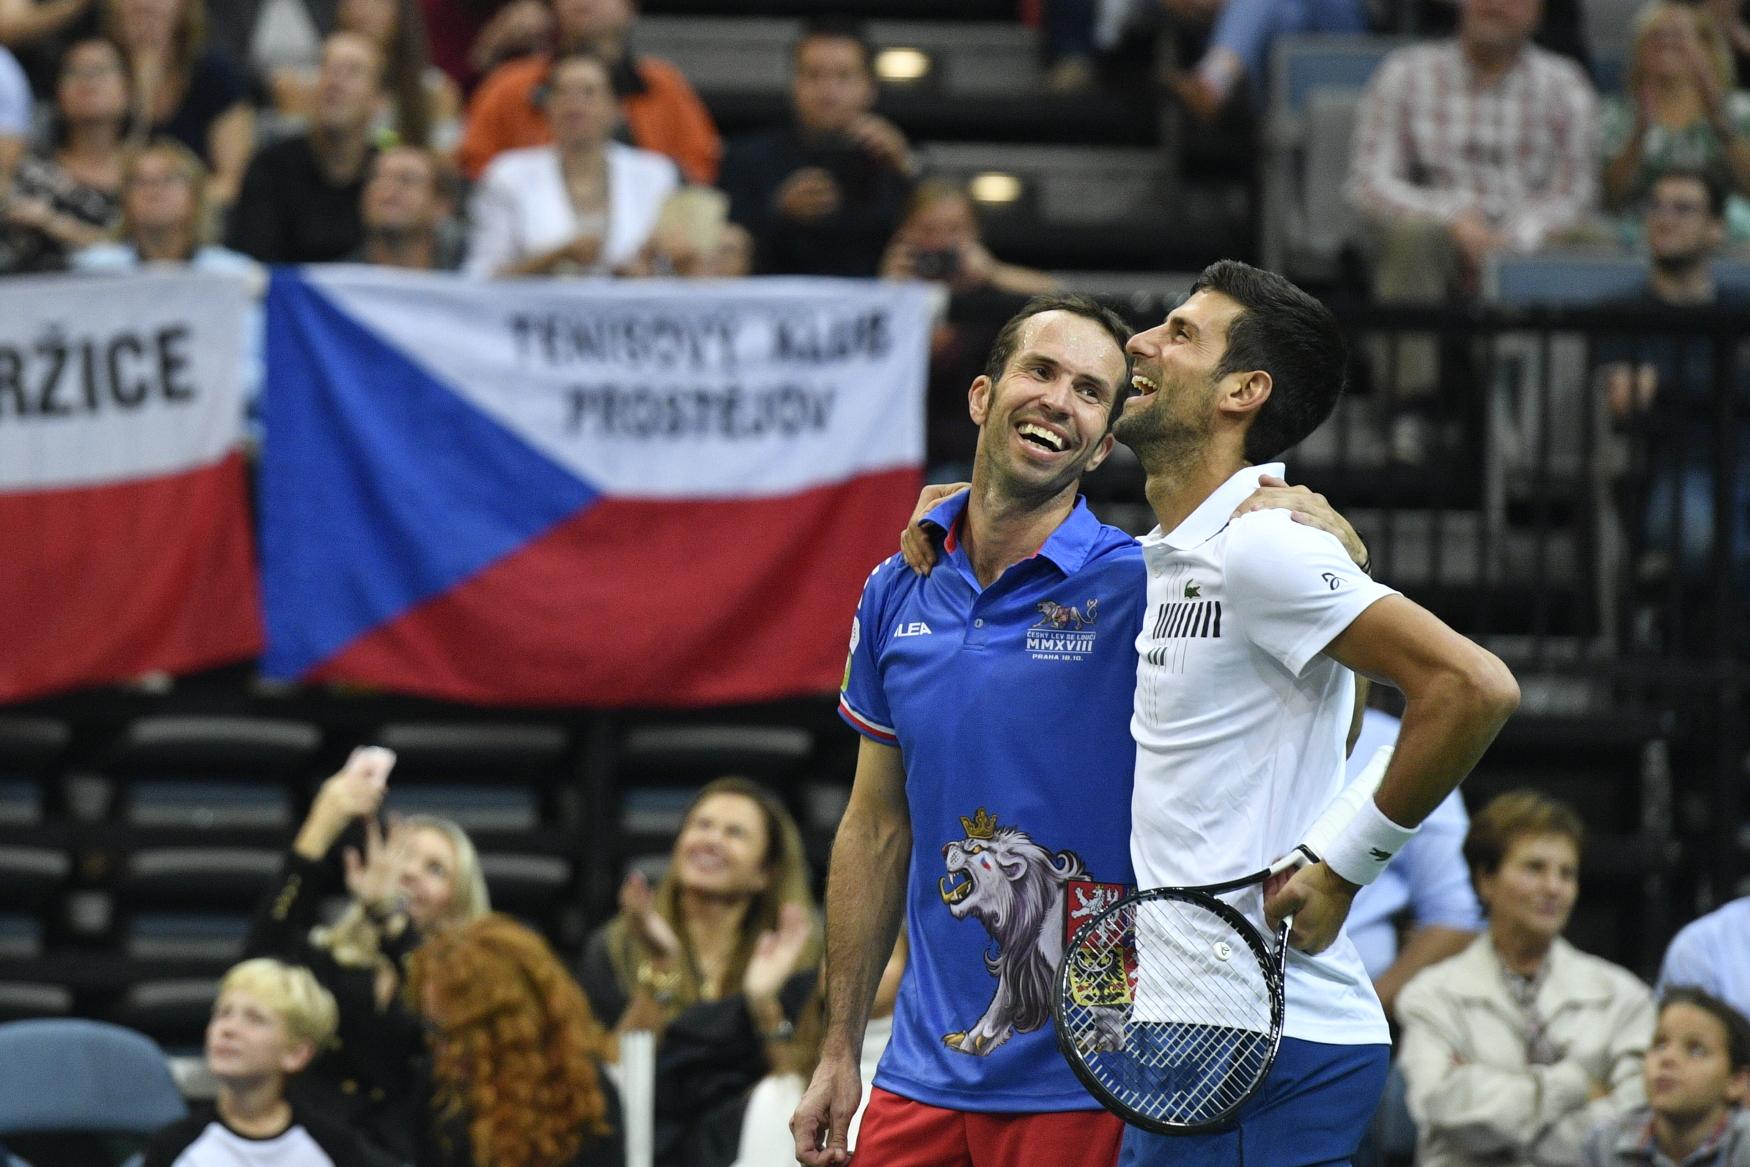 Radek Štěpánek and Novak Djokovič, photo: Michal Kamaryt/ČTK